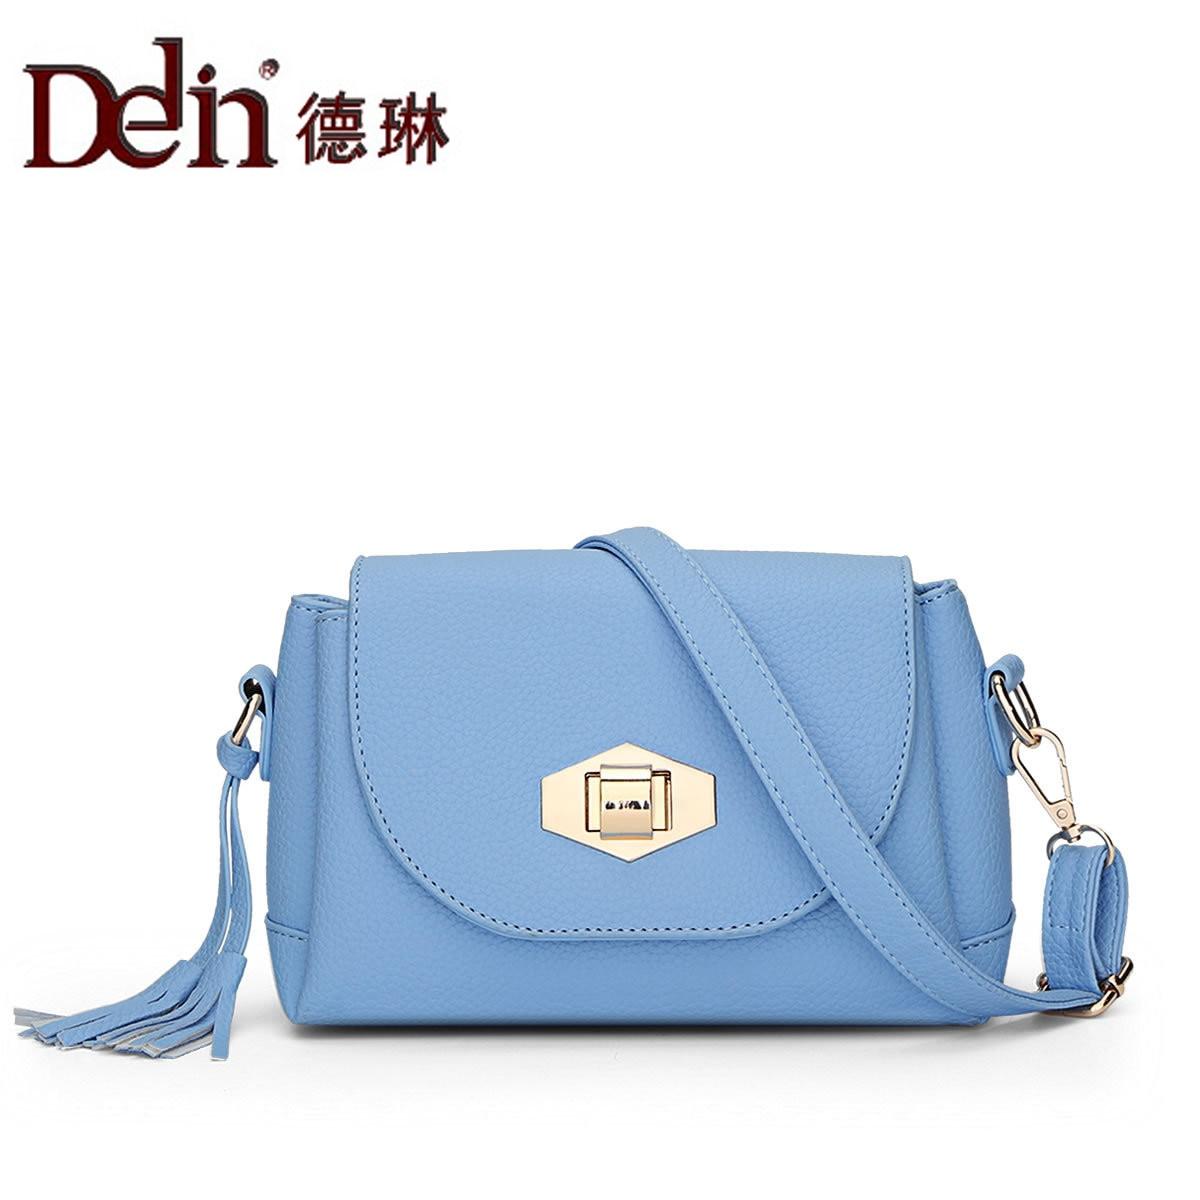 DELIN The new spring 2017 han edition fashion handbag hand shoulder slope of bag